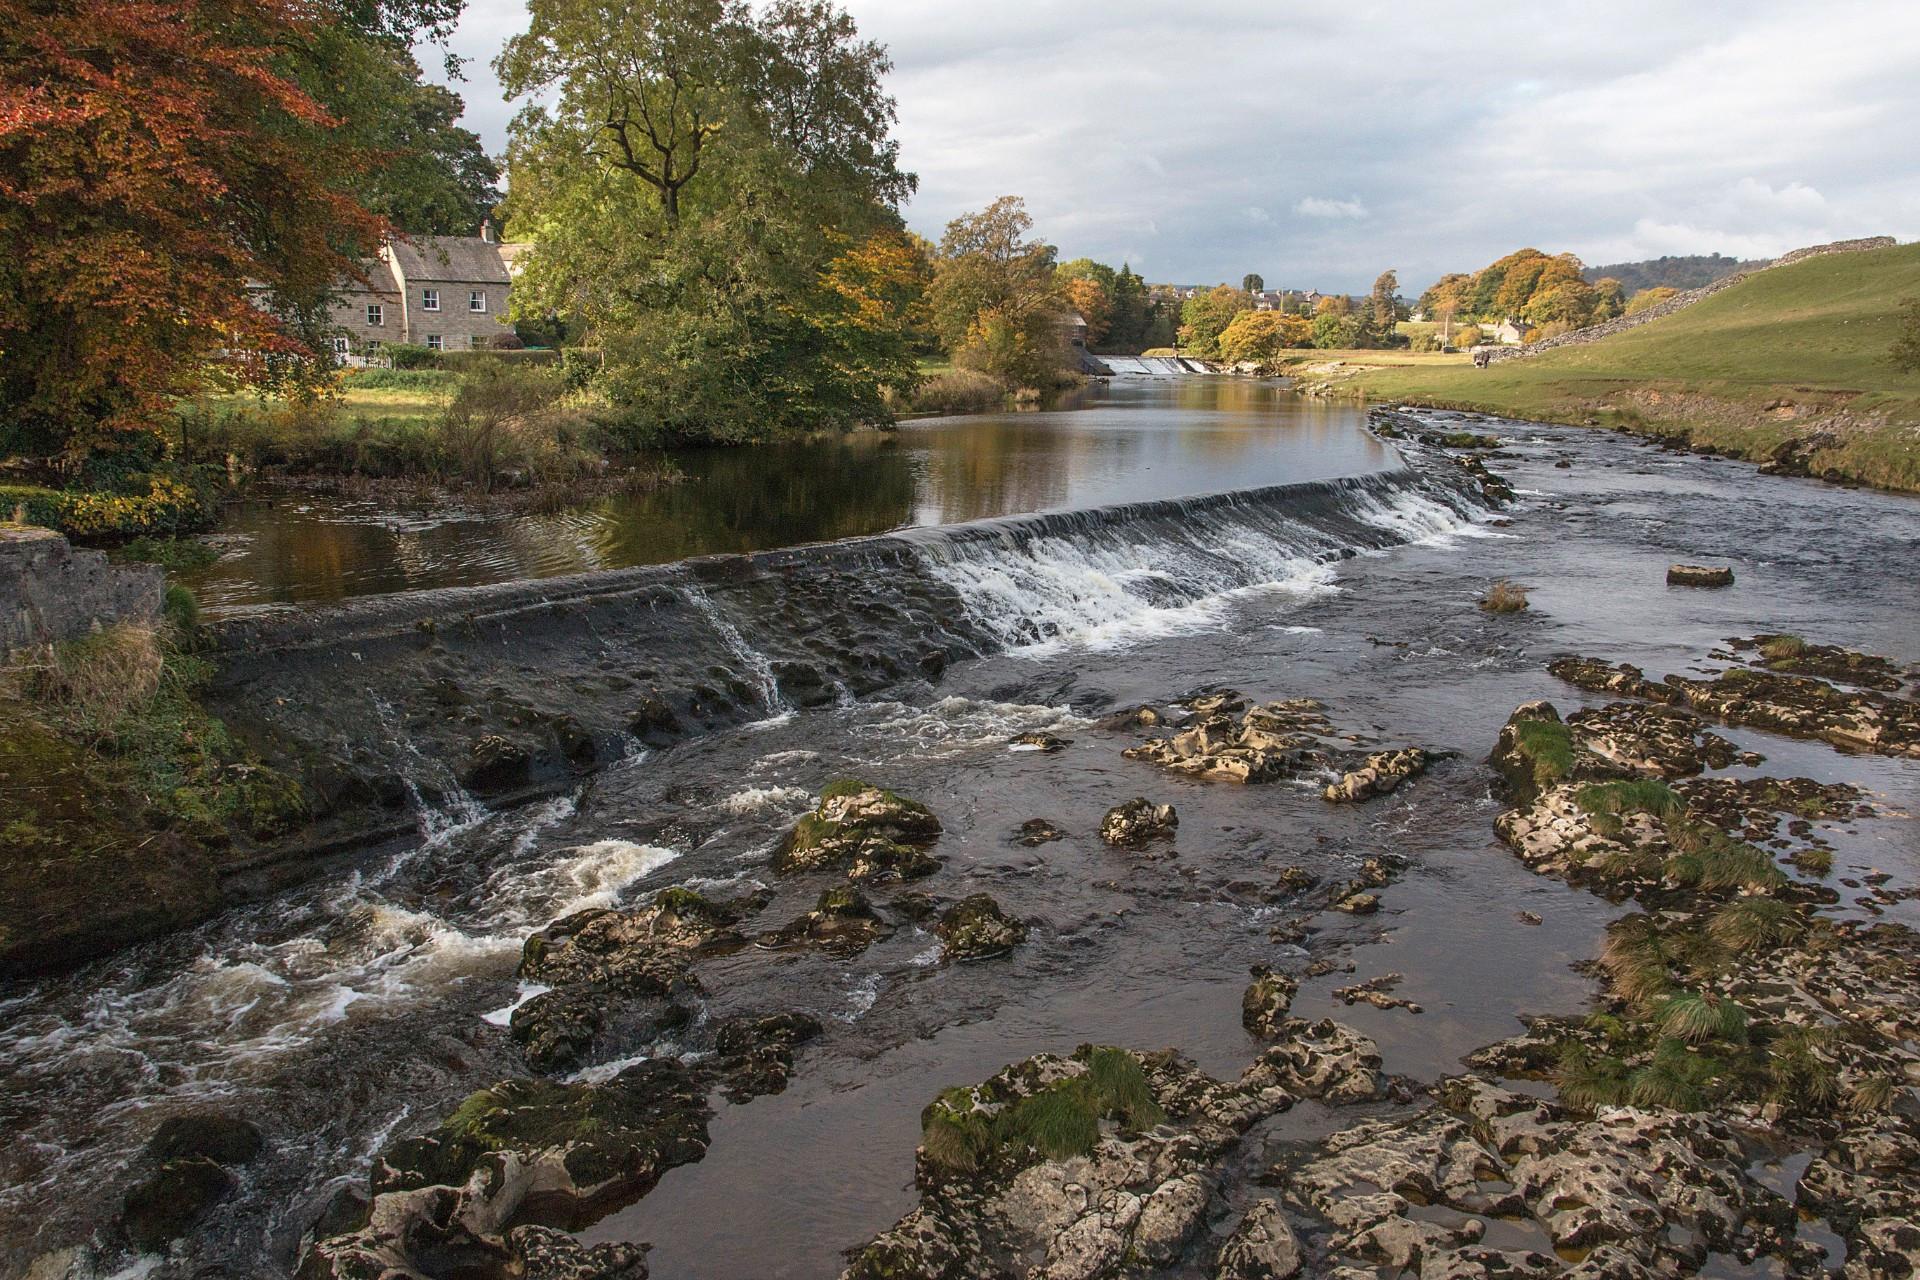 Weir River Wharfe Linton